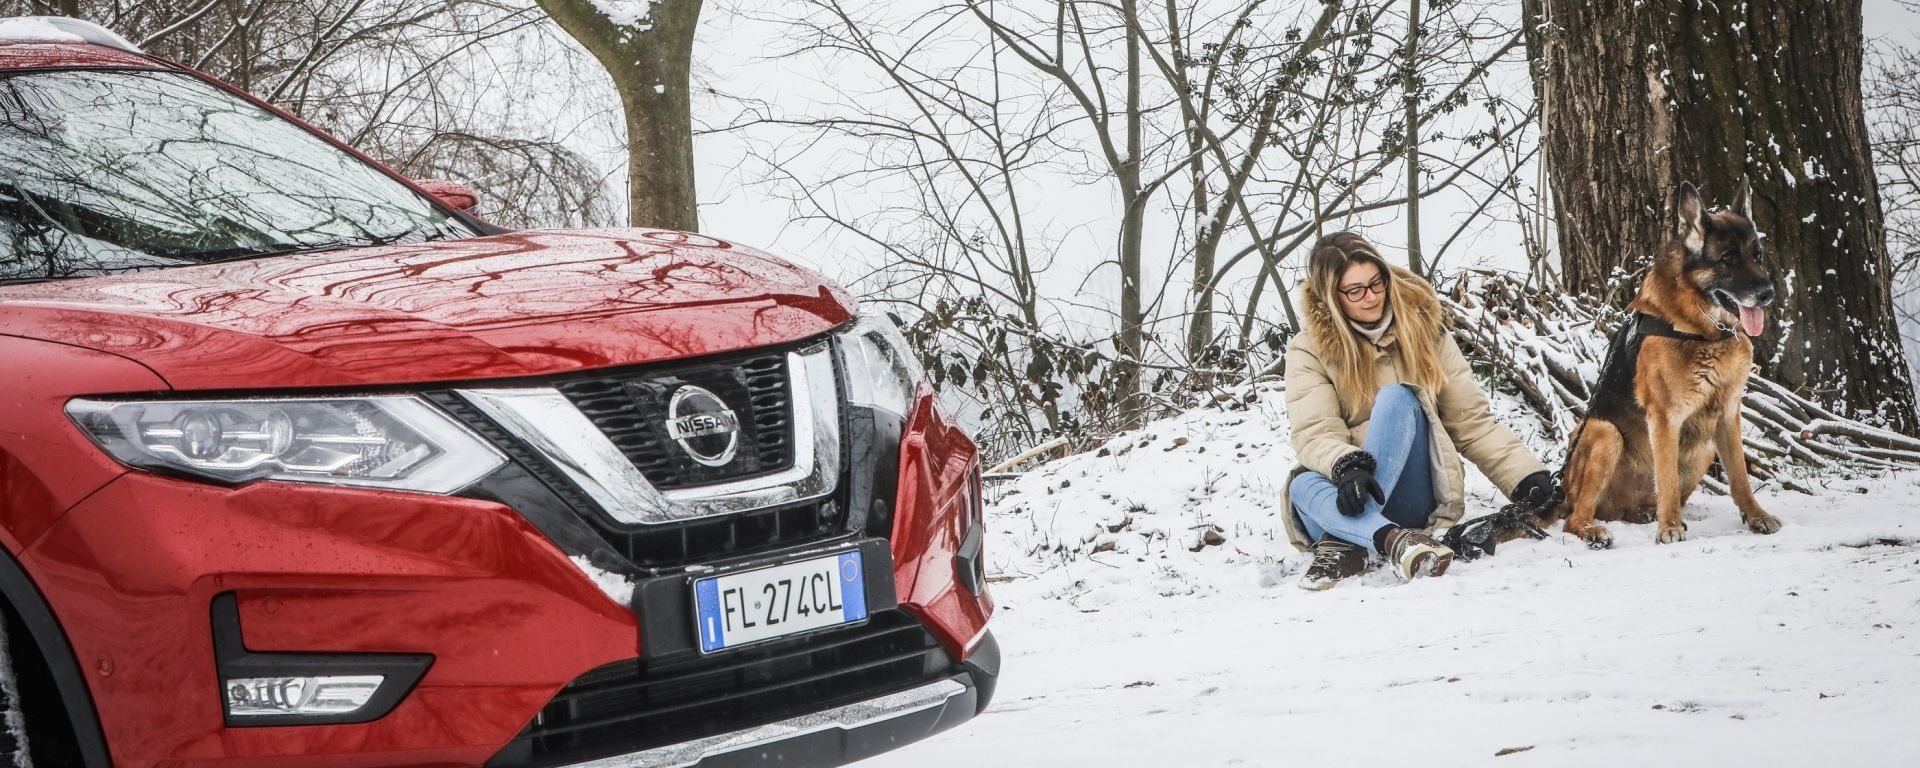 Nissan X-Trail Trainer: il contest dedicato all'allestimento per Fido